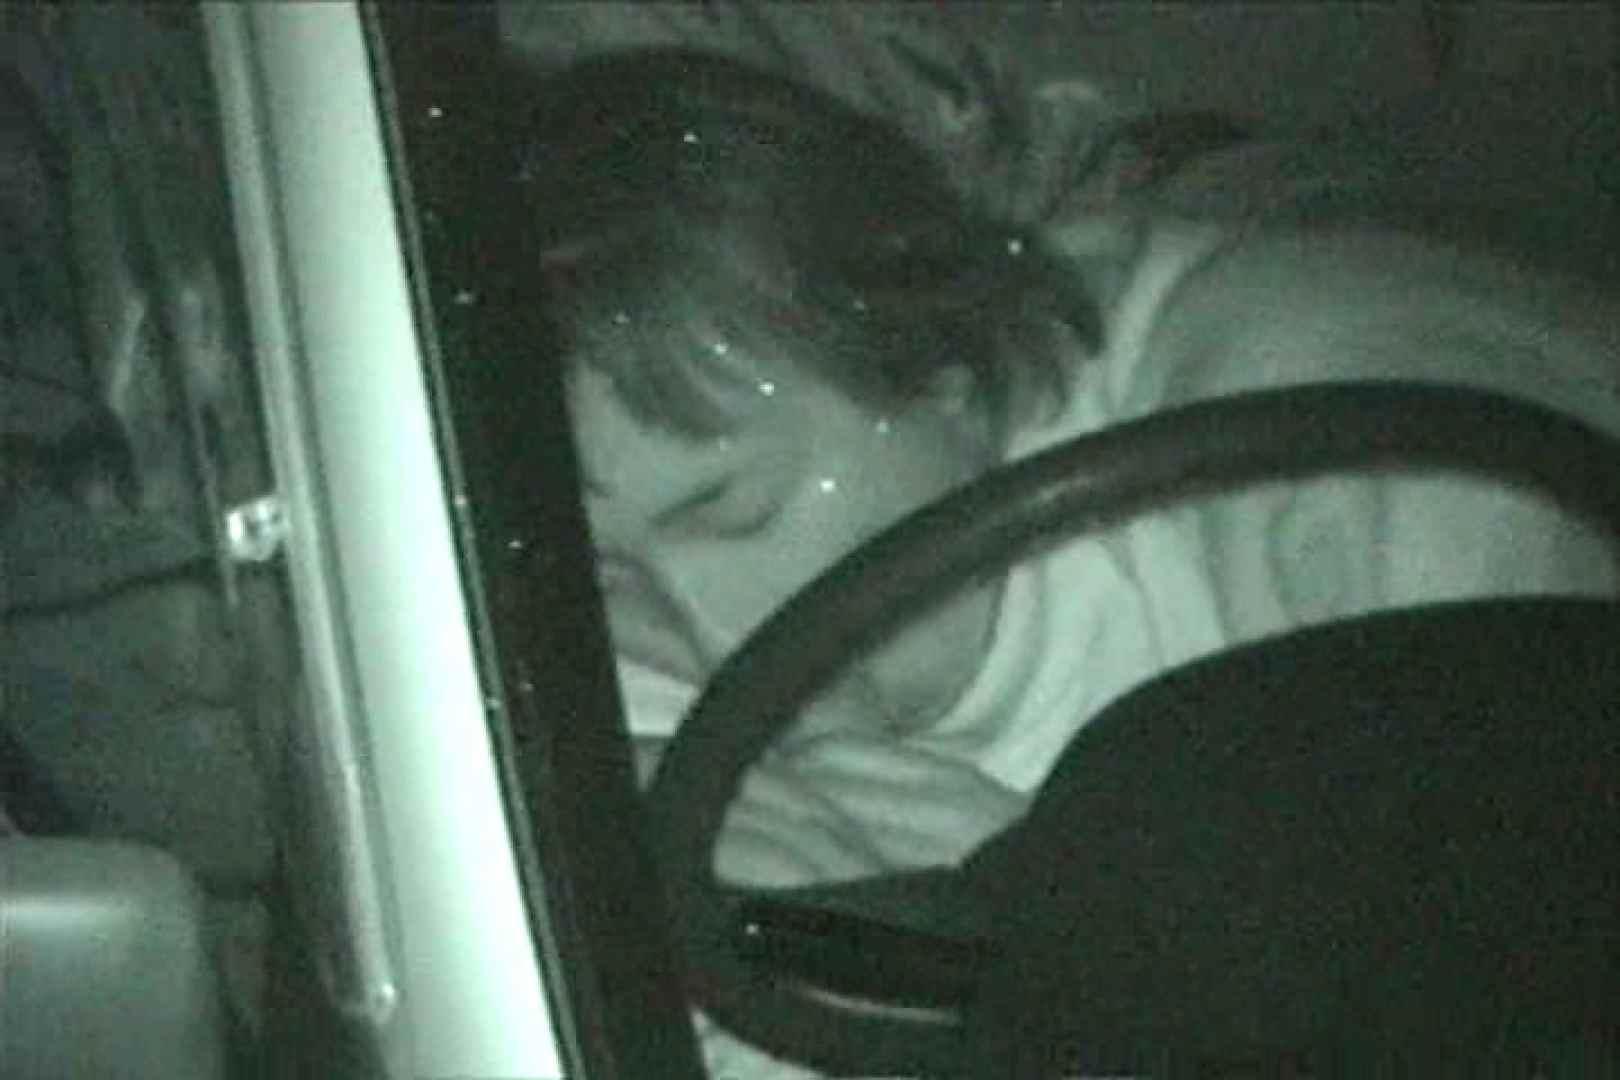 車の中はラブホテル 無修正版  Vol.27 盗撮特集  58画像 48